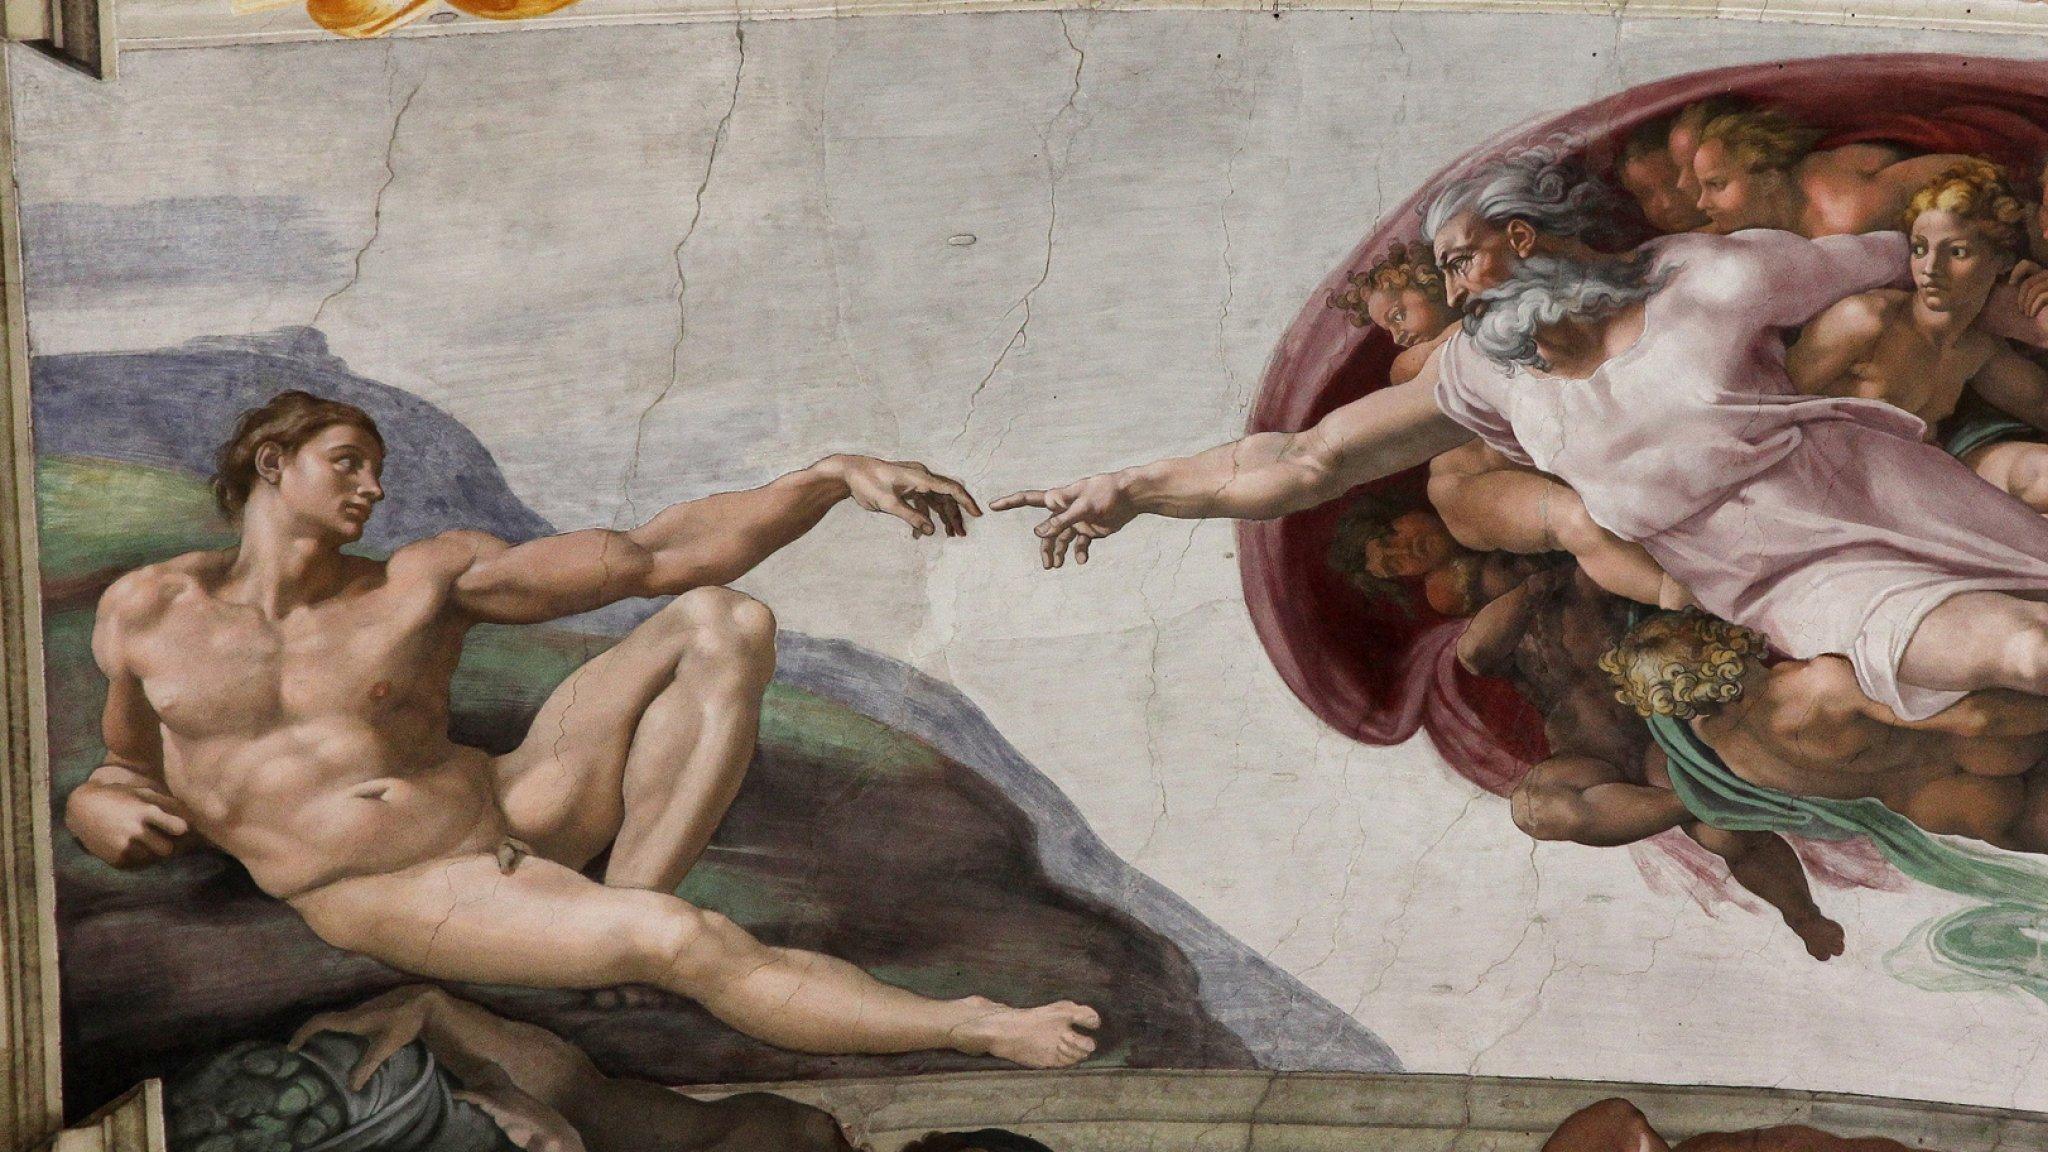 Das Bild zeigt auf der linken Seite den nackten Adam. Lässig liegend, ein Knie angewinkelt und den linken Arm Richtung Bildmitte ausgestreckt. Auf der rechten Seite oben schwebt Gottvater in weißem Gewand, umgeben von kindlichen Engeln, und streckt seinen rechten Arm ich Richtung Adam aus, bis sich beider Zeigefinger fasst berühren. So stellte sich Michelangelo in seinem berühmten Gemälde in der Sixtinischen Kapelle in Rom vor, wie Gott Adam zum Leben erweckte.